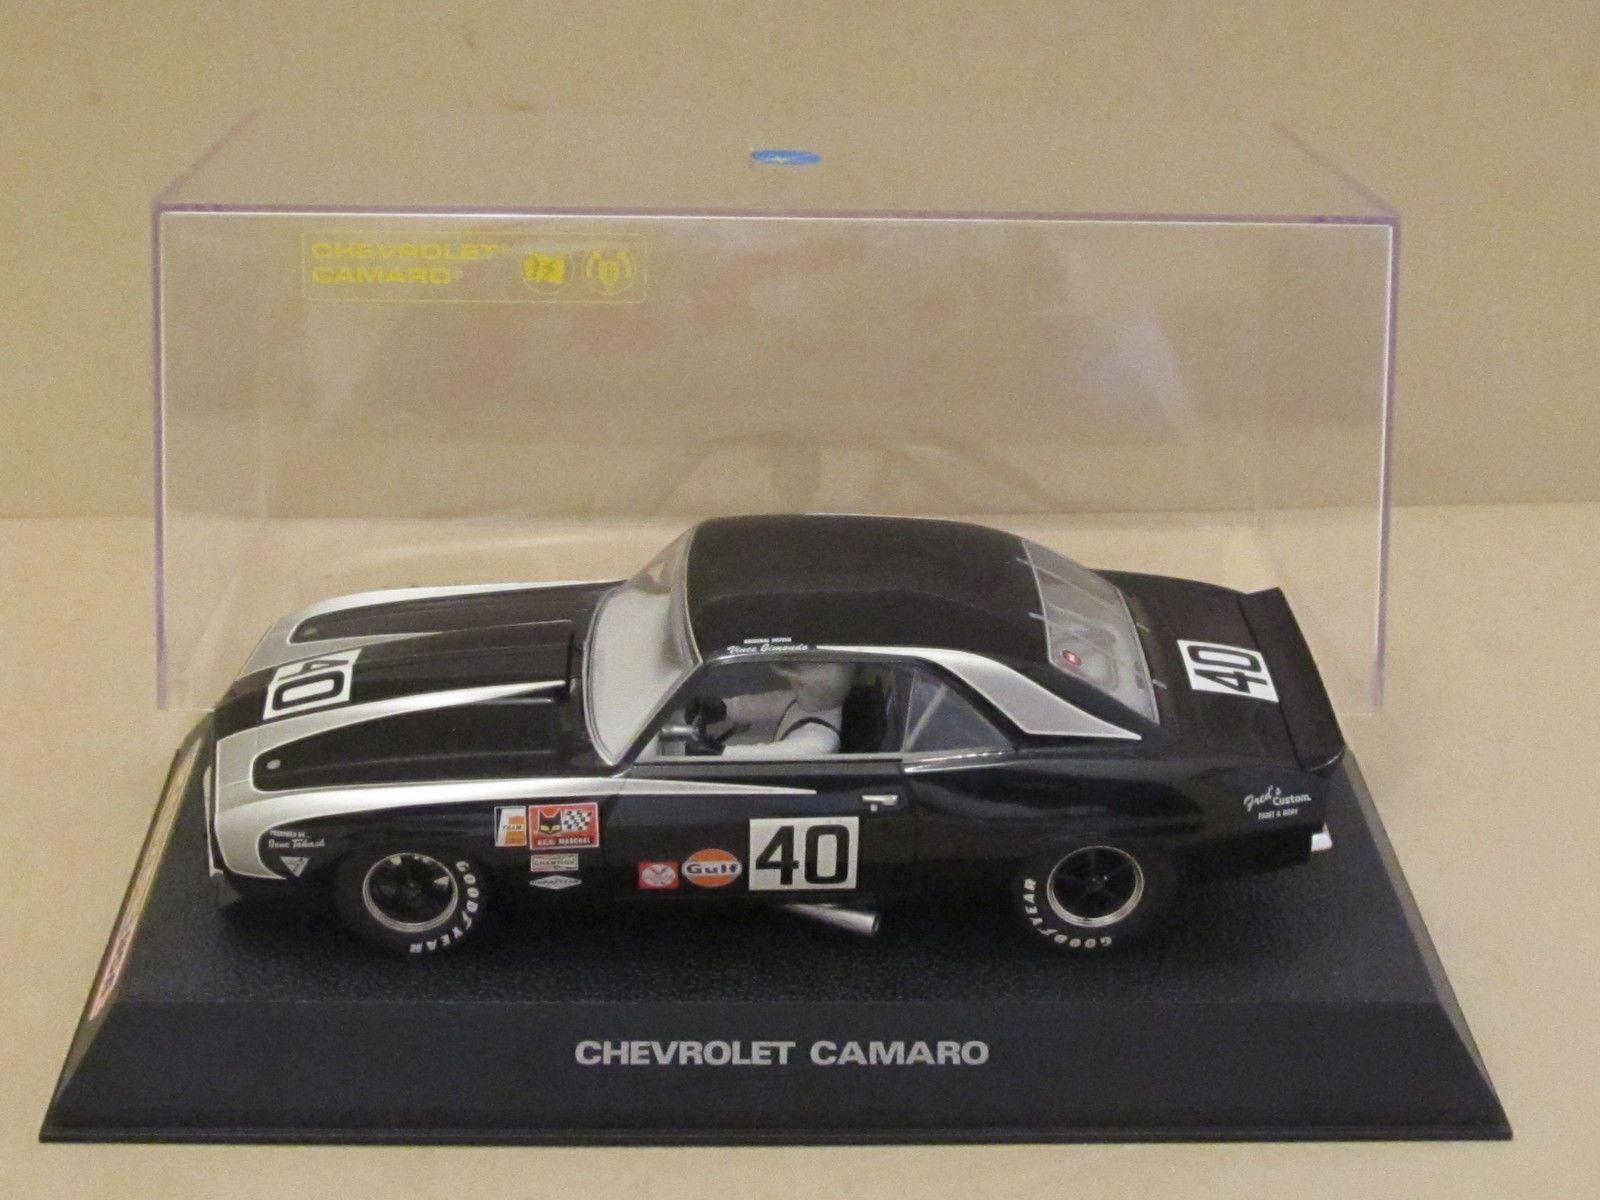 Vintage SCALEXTRIC C2654 1969 Chevrolet Camaro VINCE GIMONDO